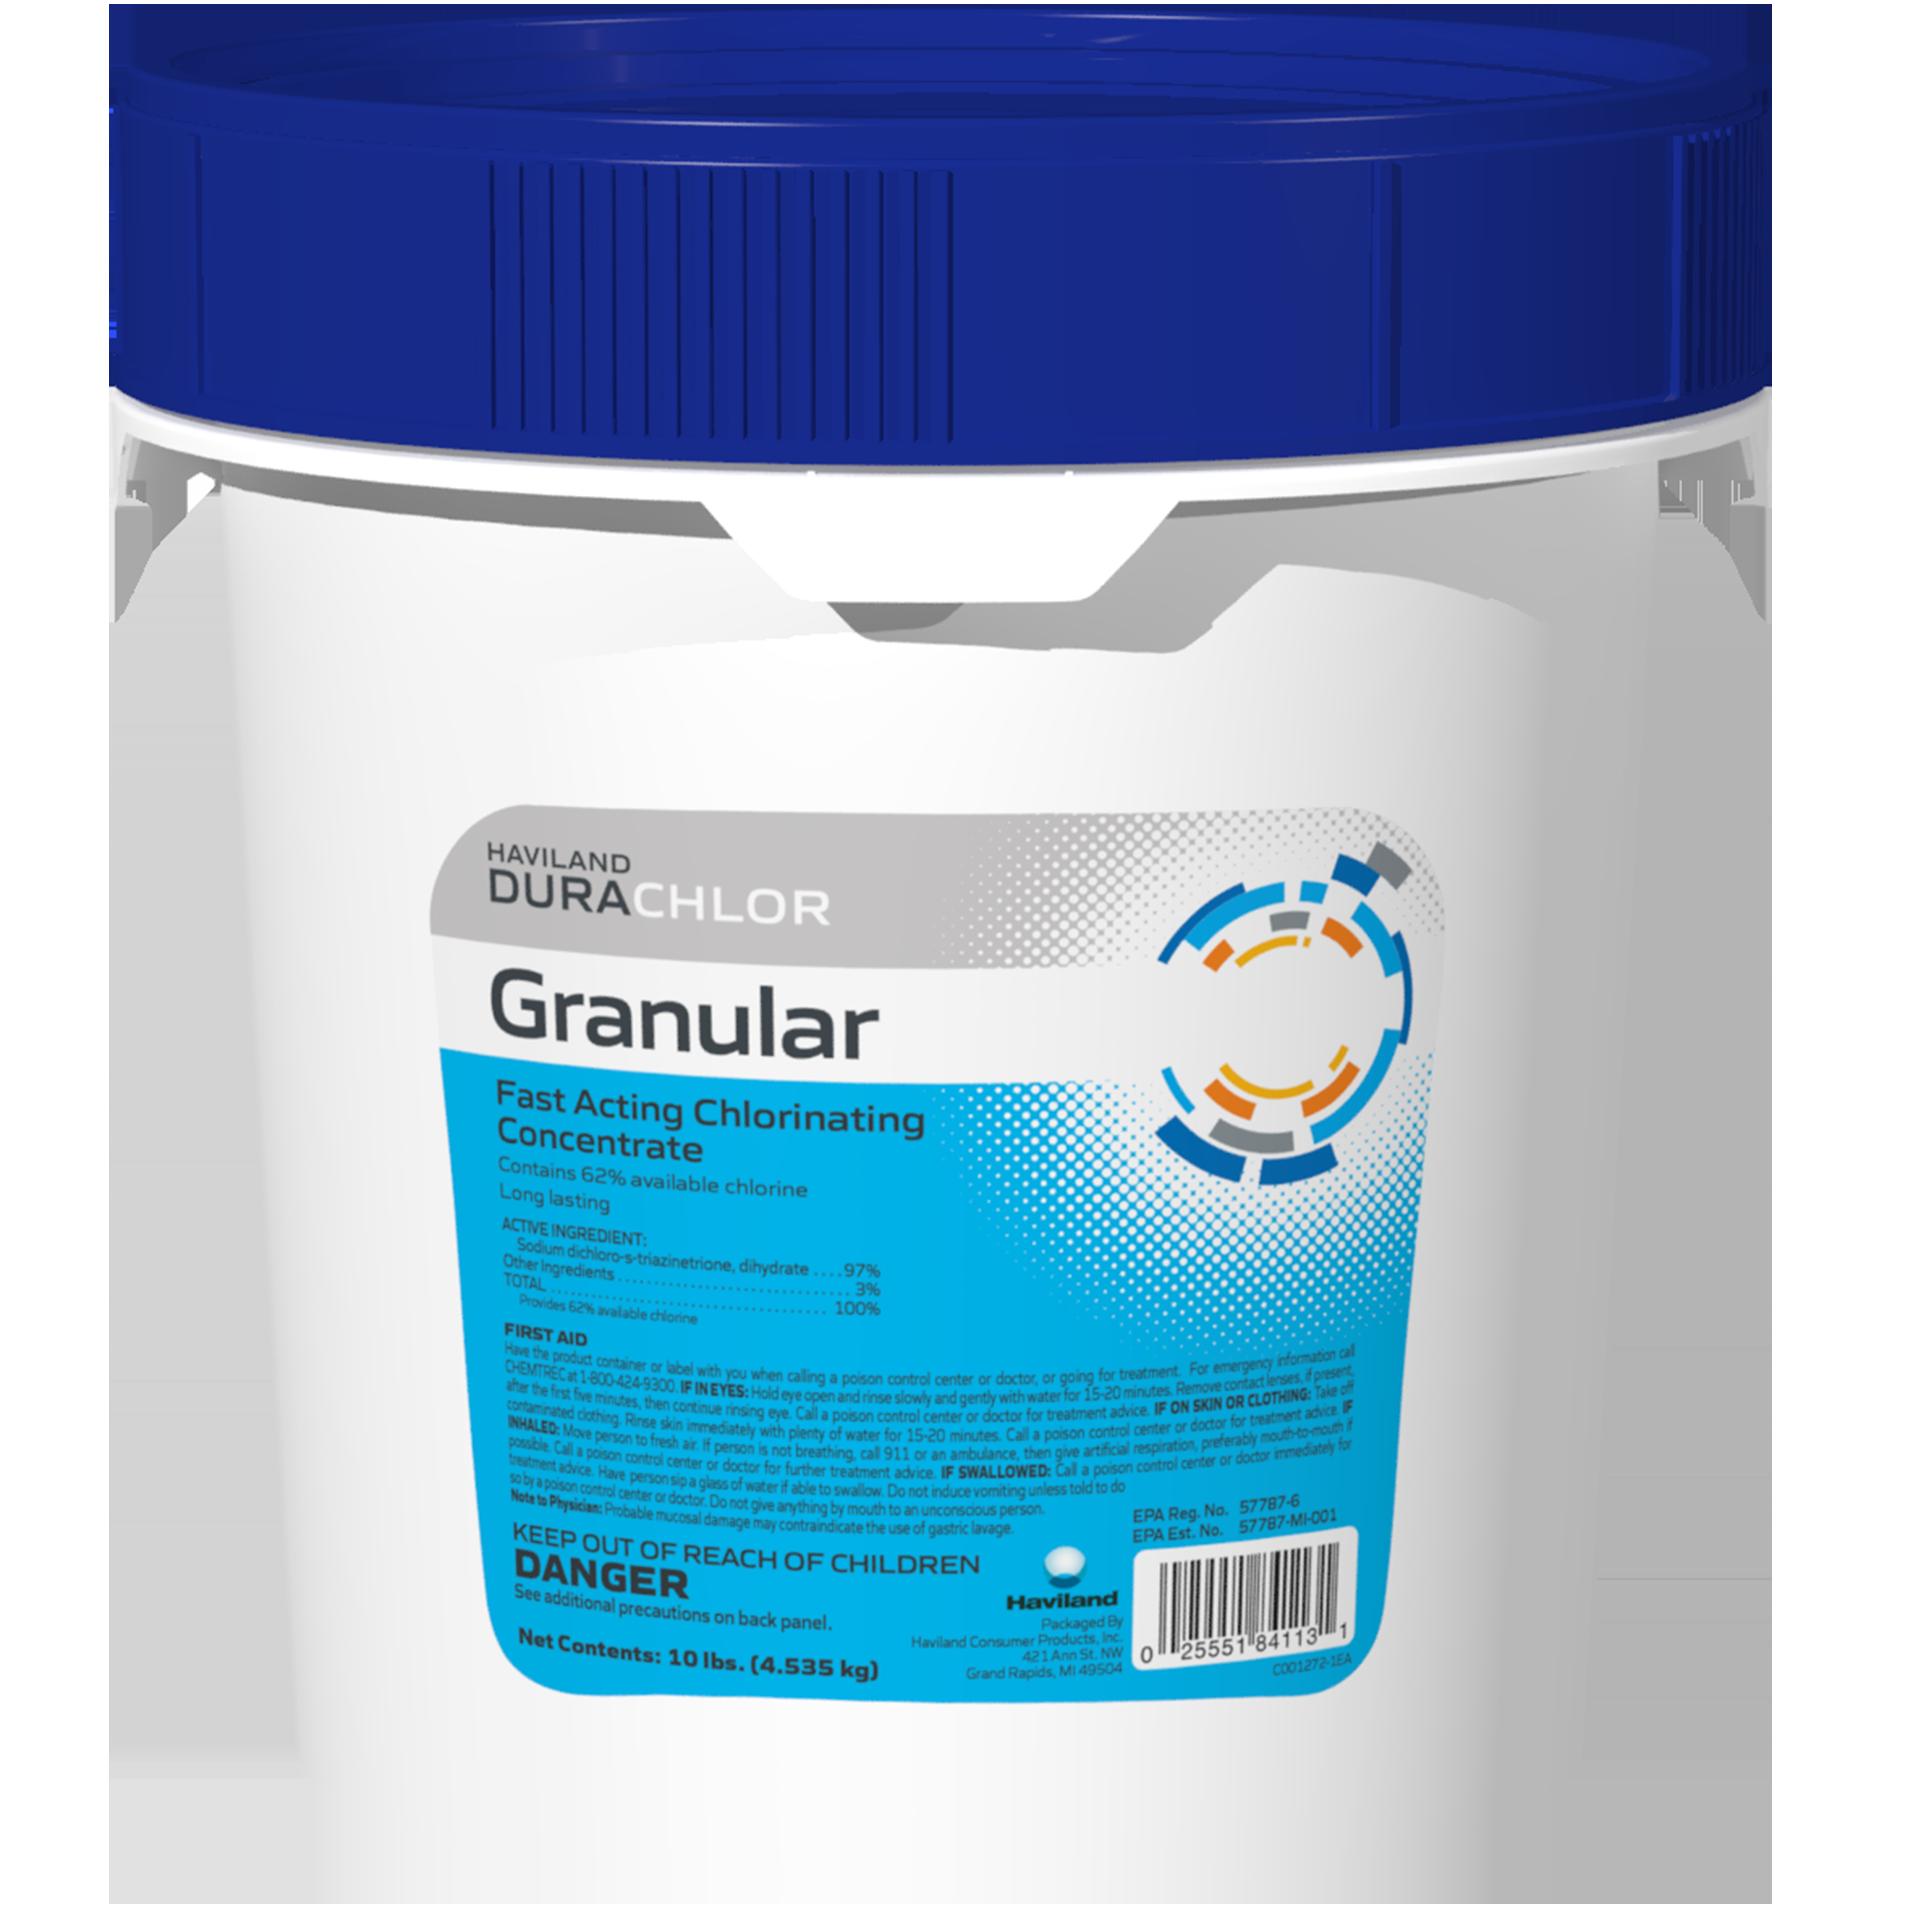 10 lb. Durachlor Granular